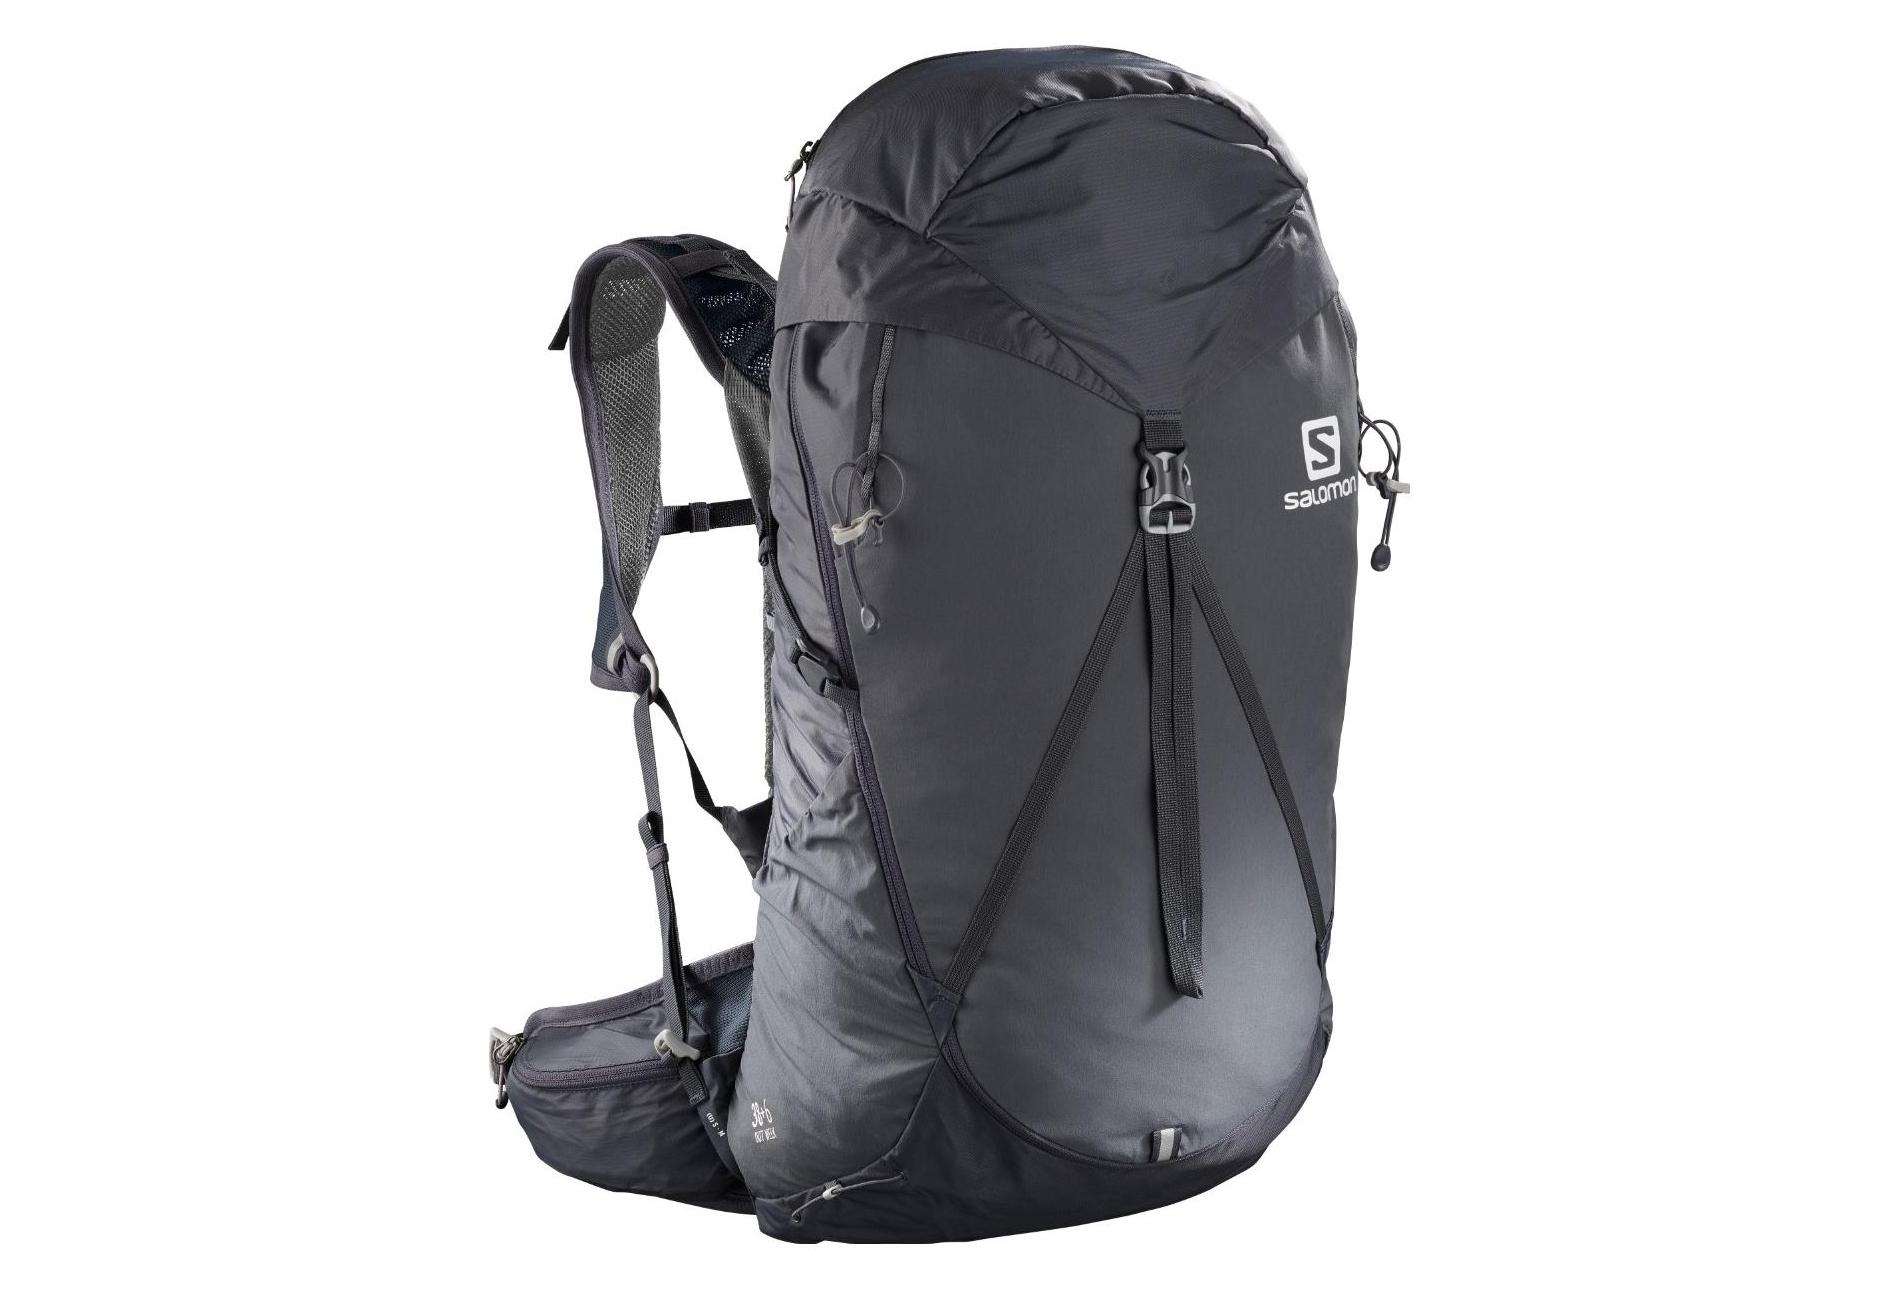 plus récent ea8a6 98e0e Salomon Trekking Bag Out Week 38 + 6 Unisex Grey